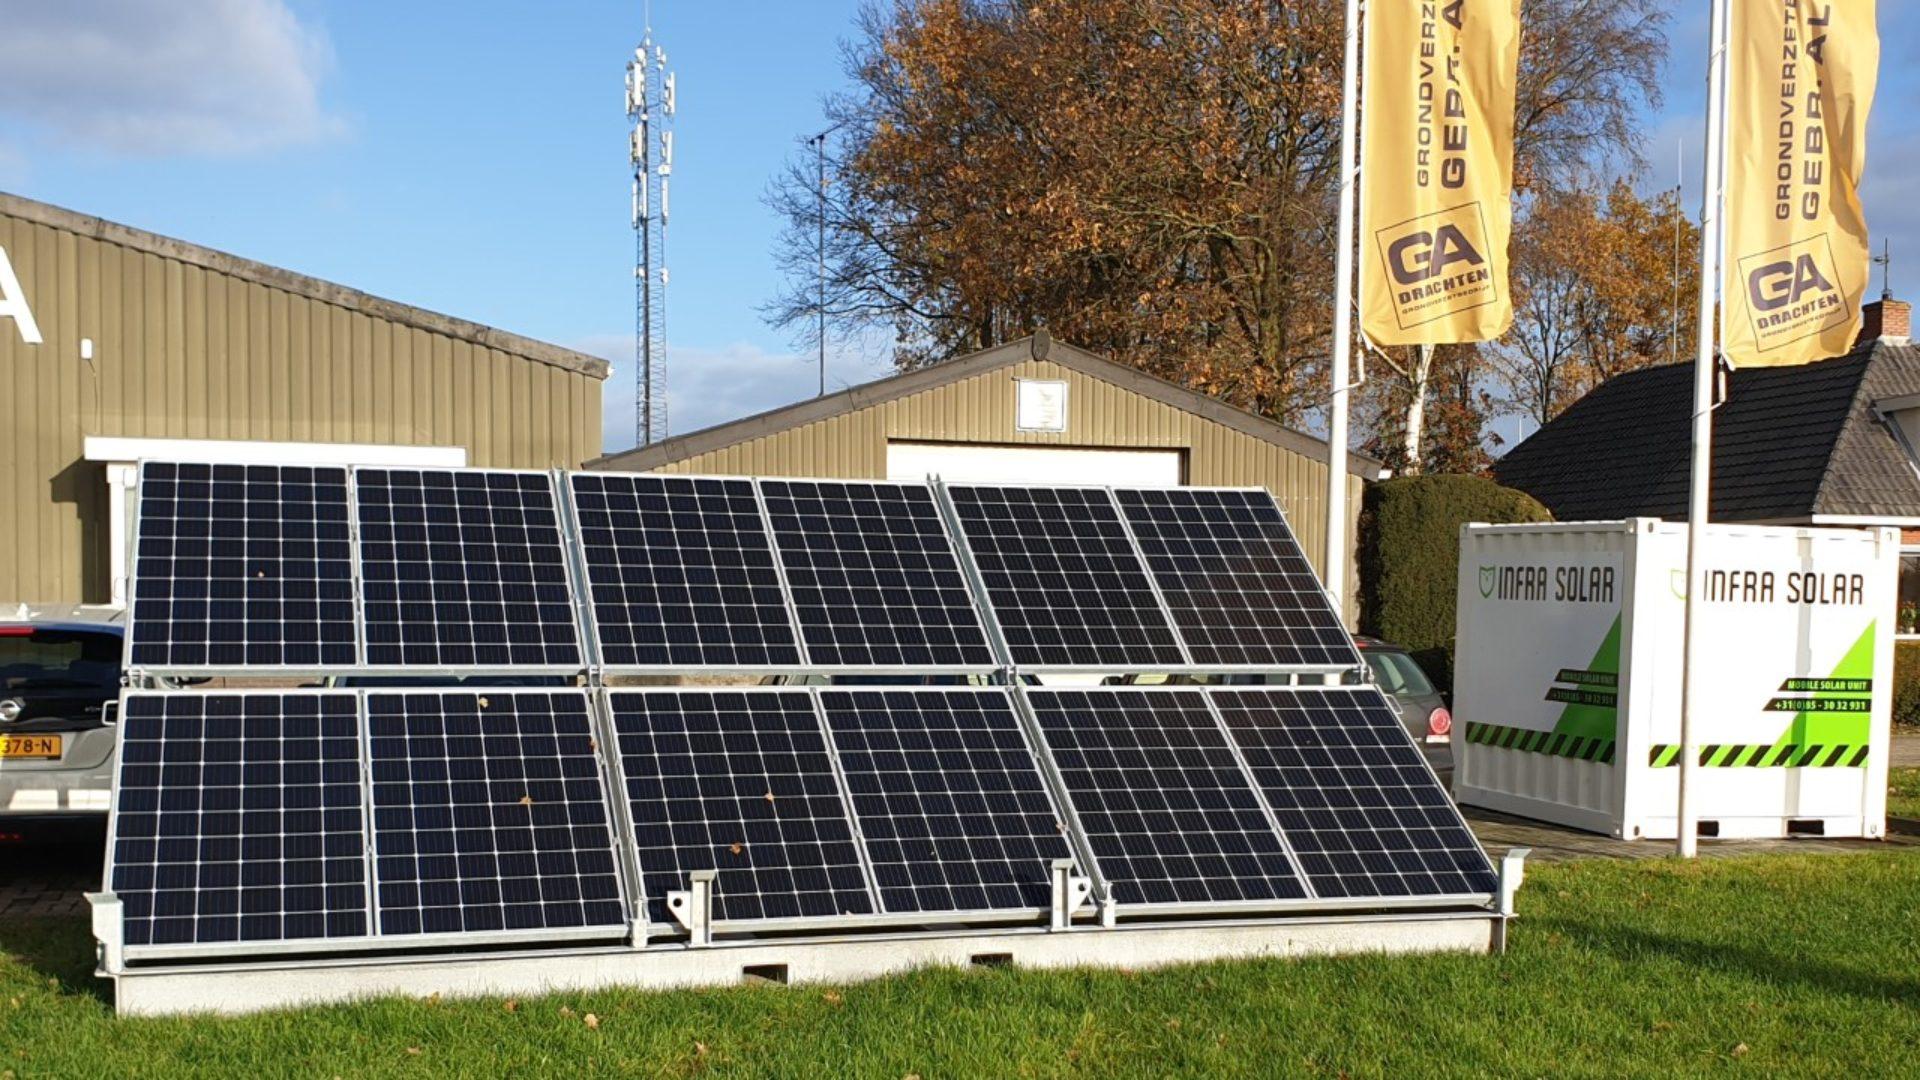 Infra Solar